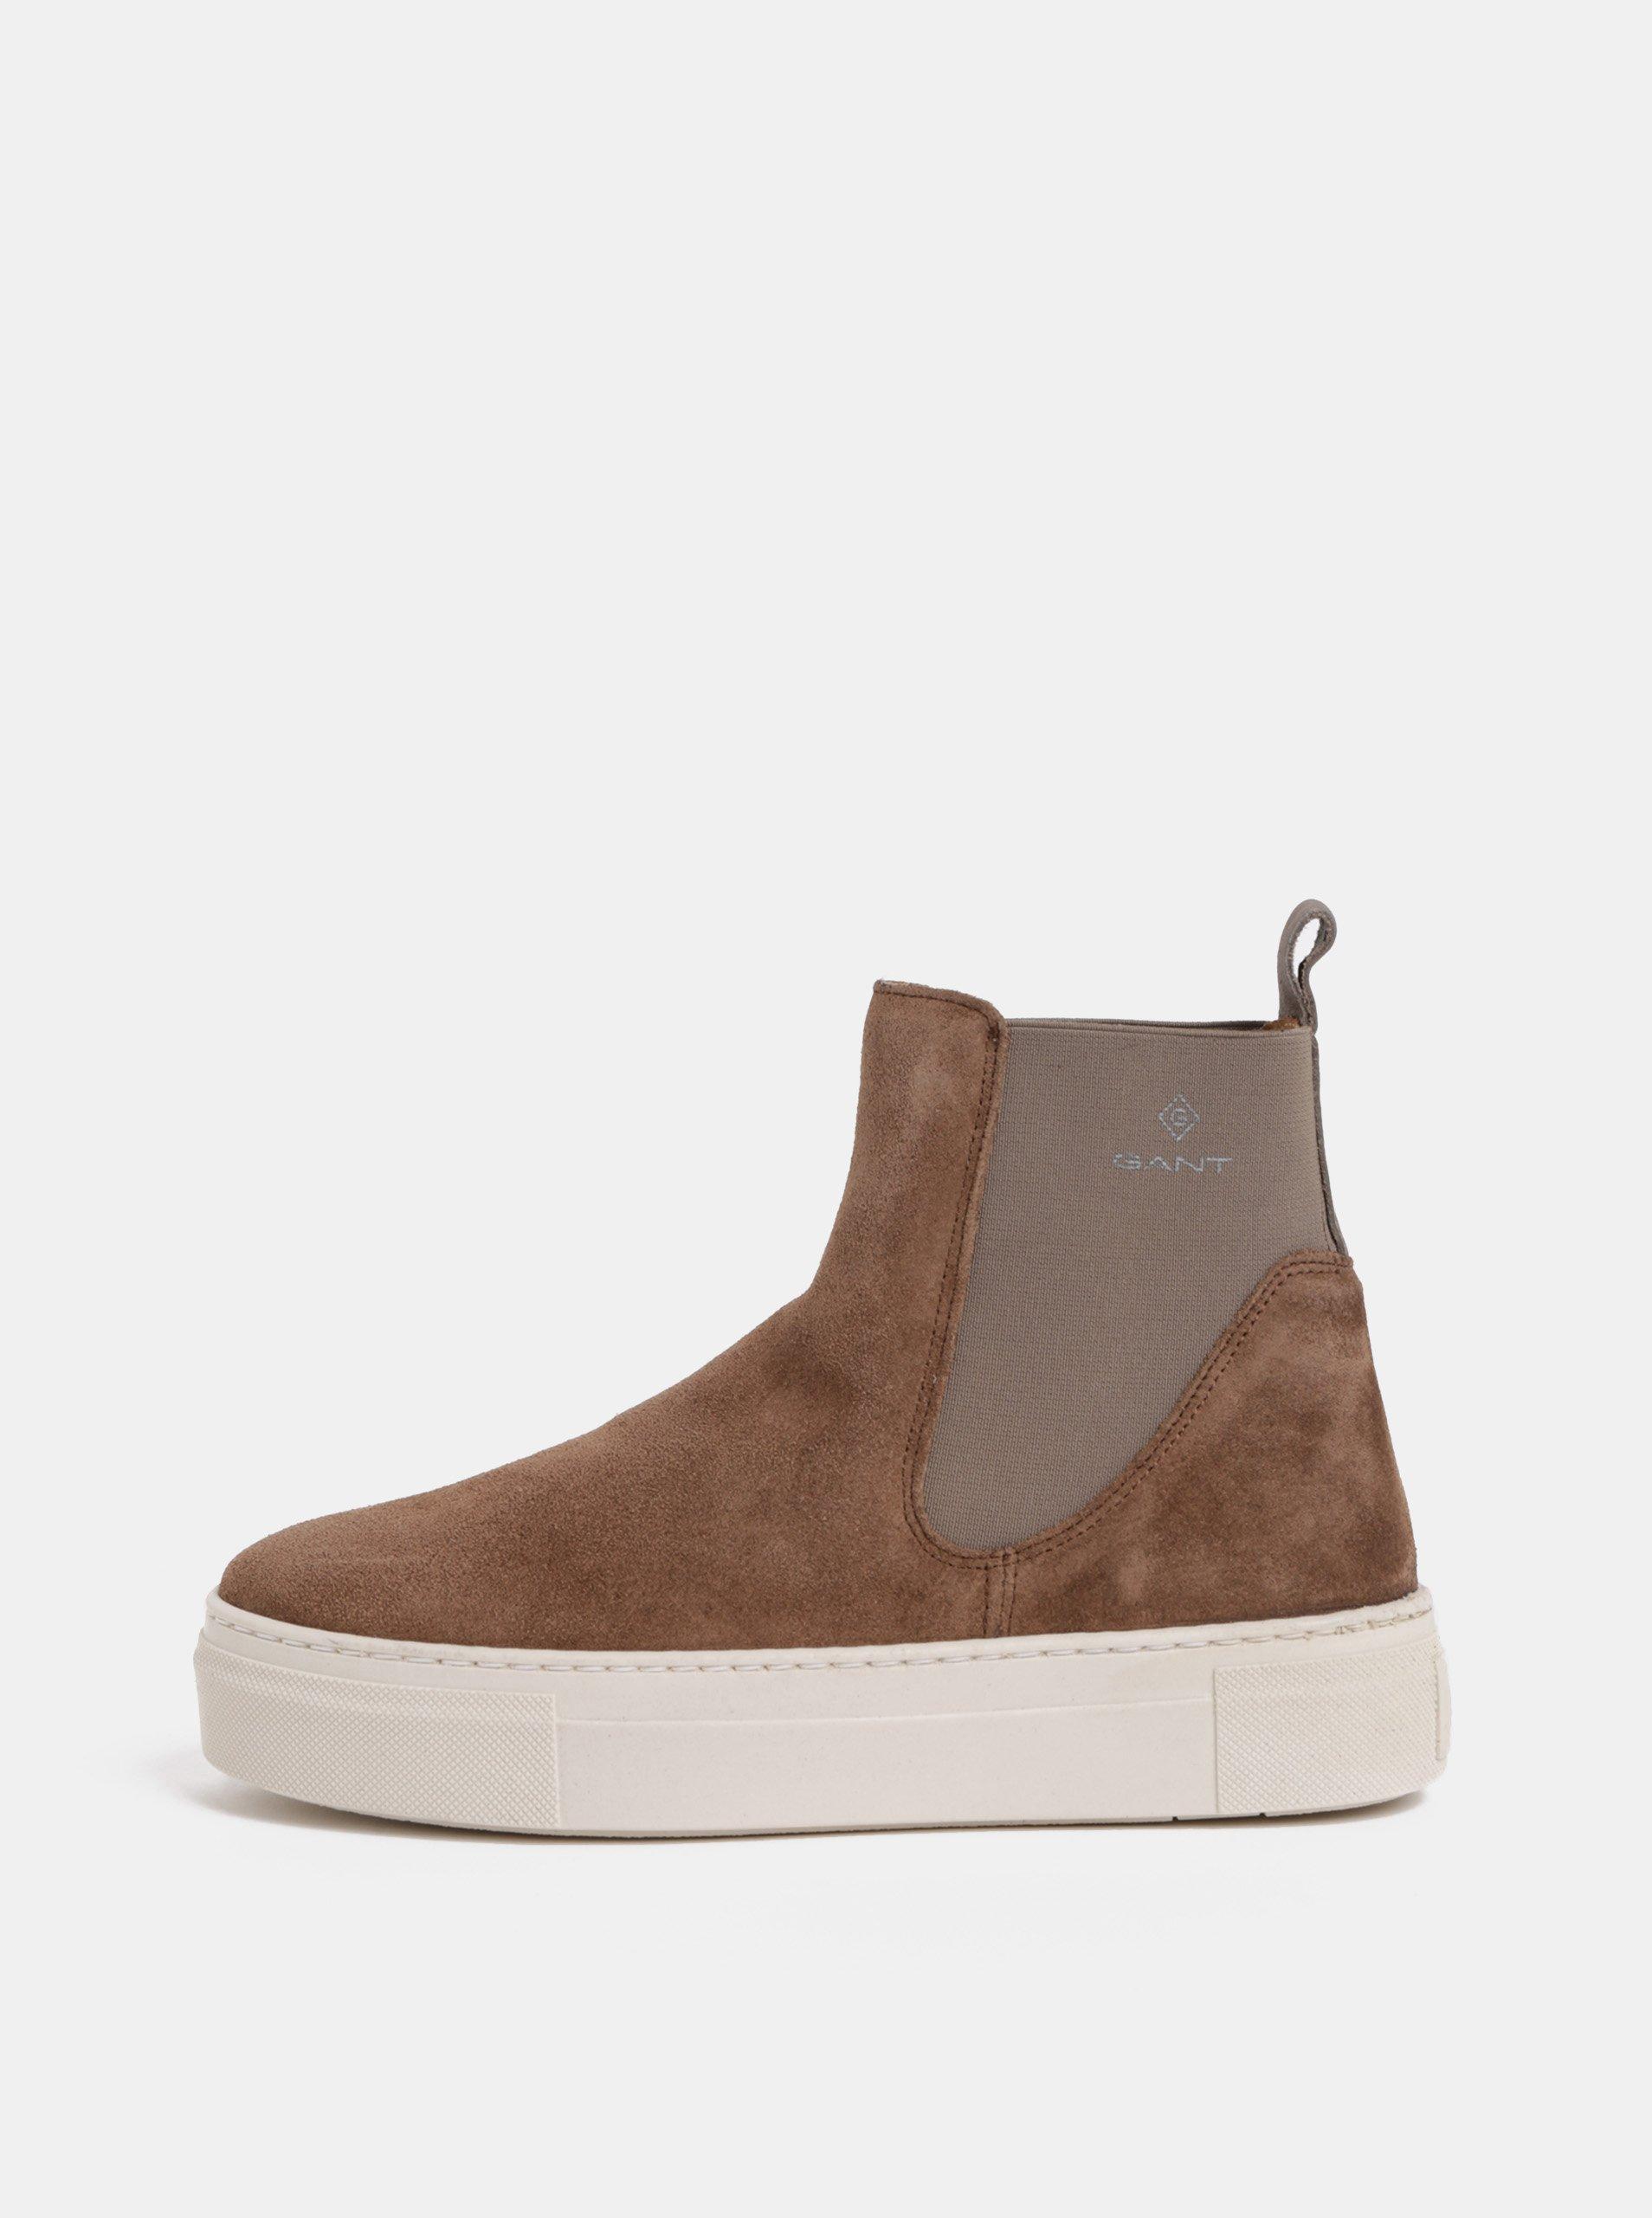 Hnědé dámské semišové chelsea boty na platformě GANT Marie